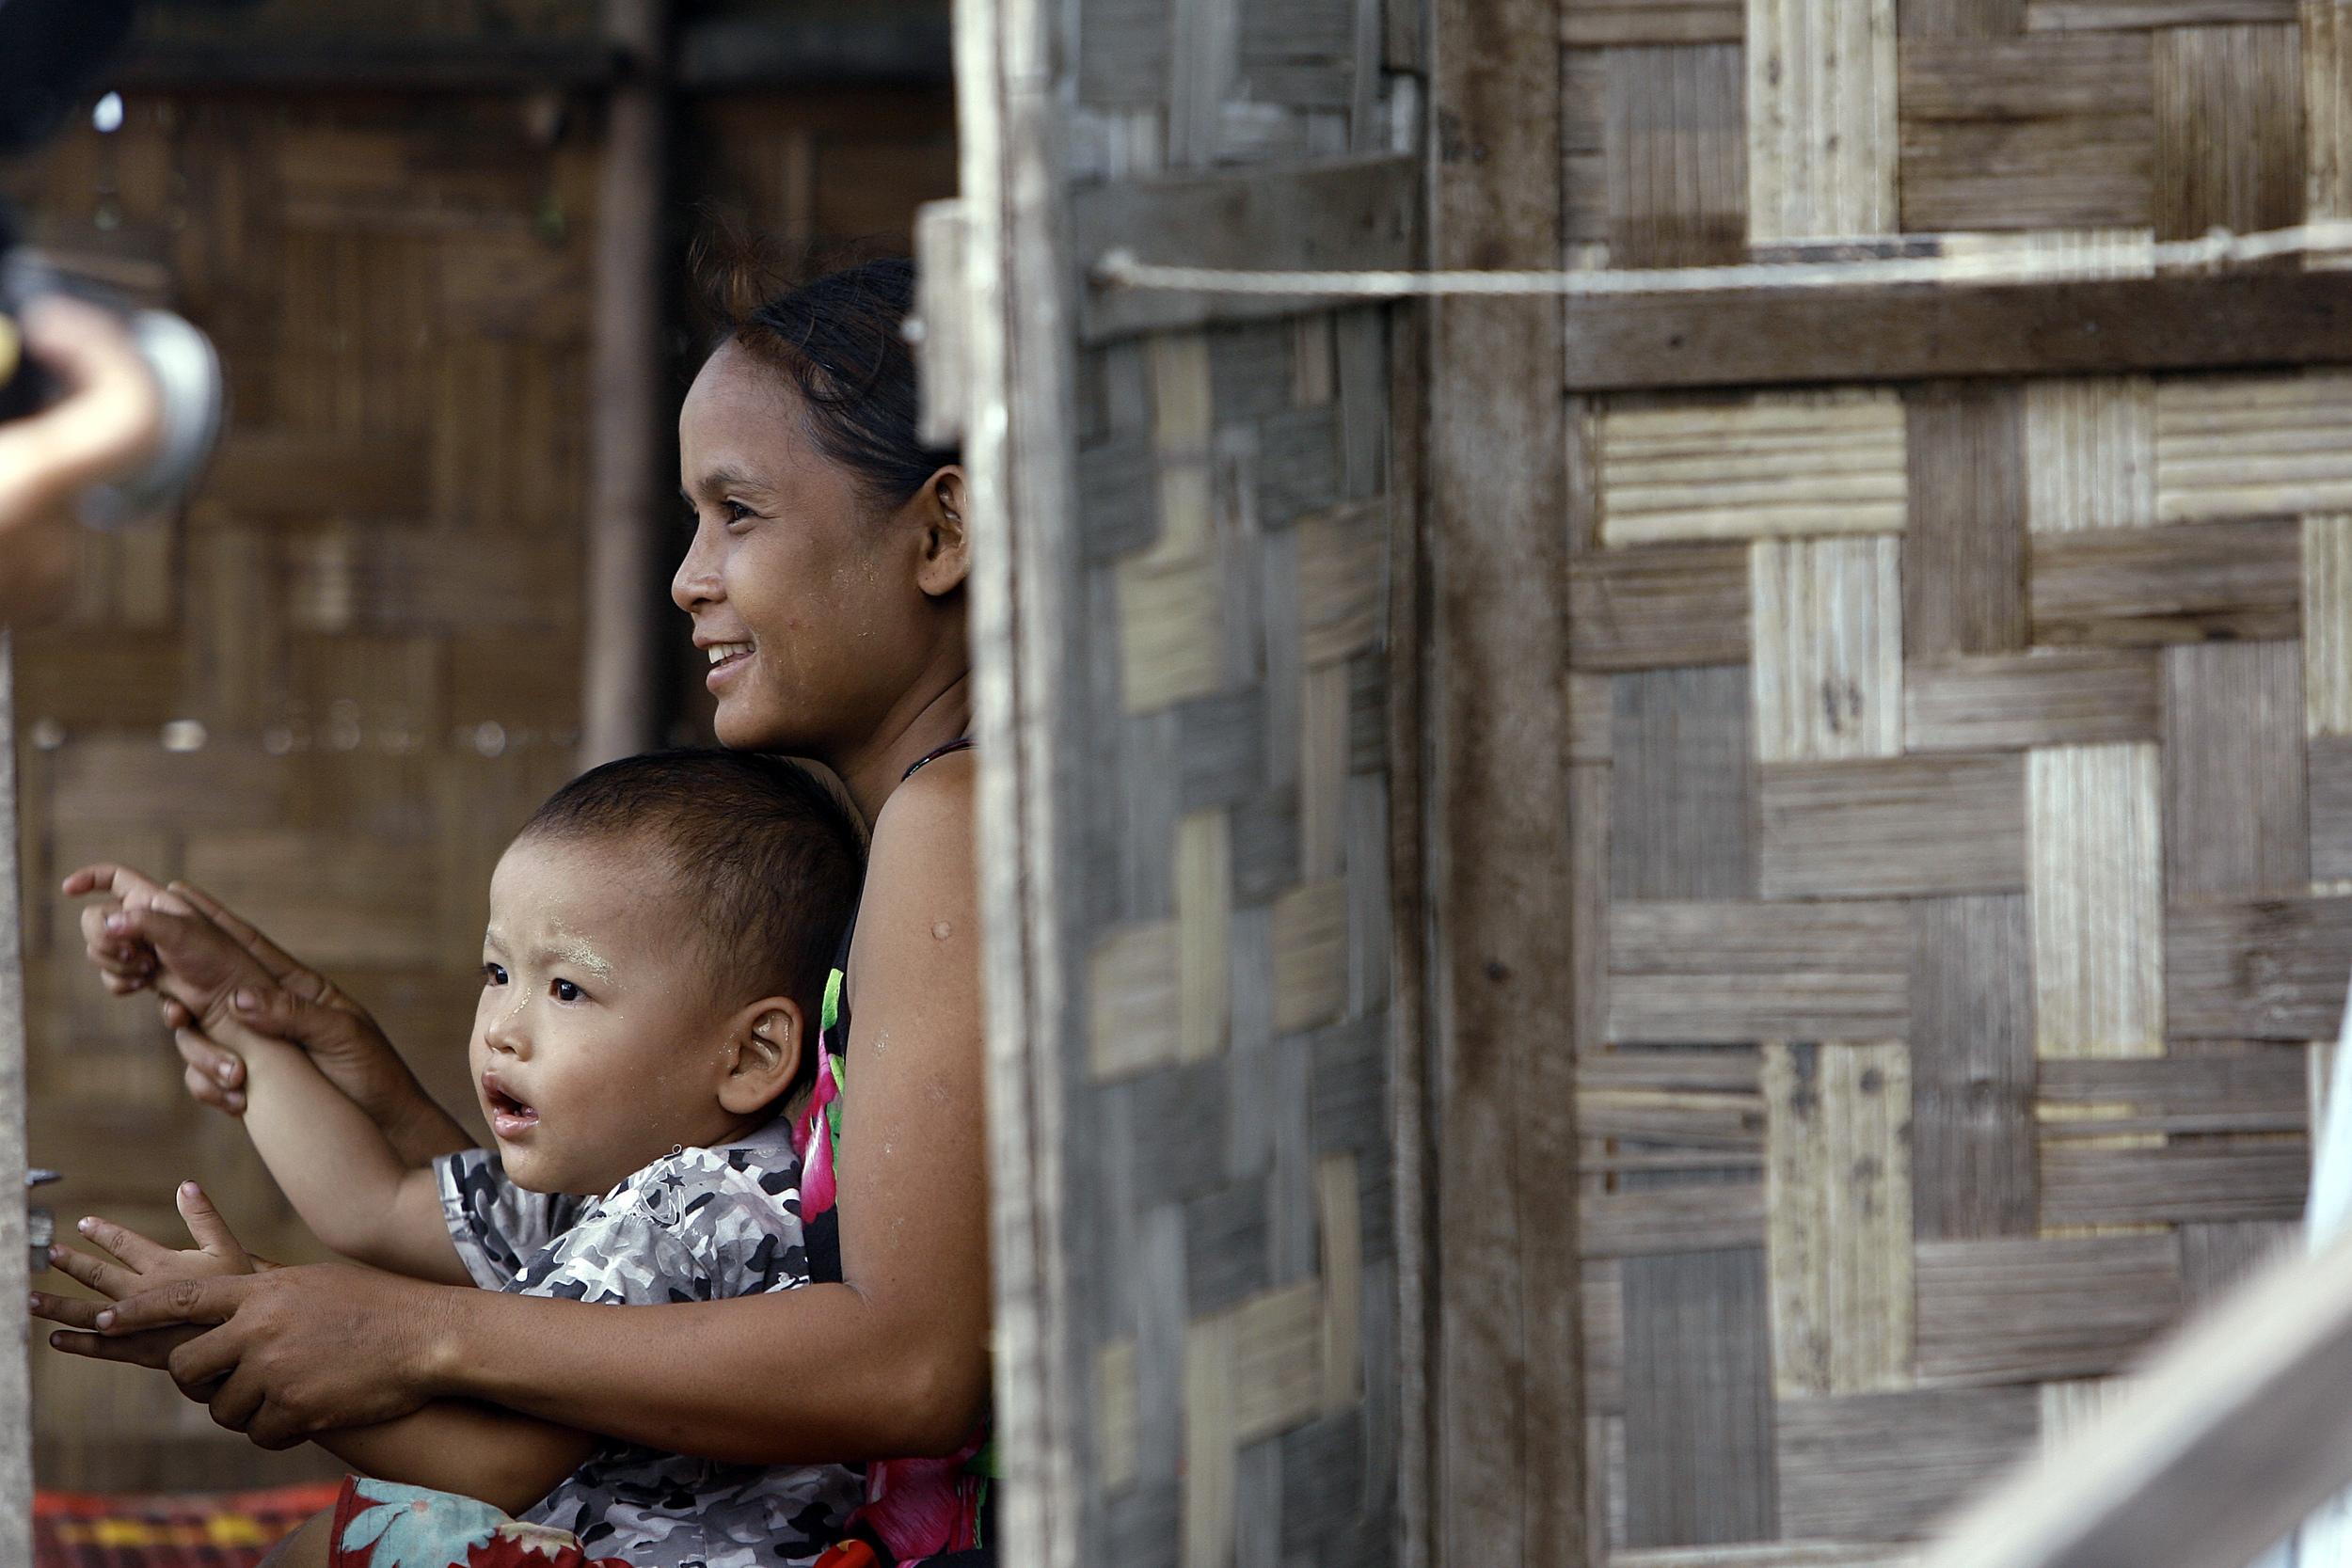 Mother & Child, Kyon Da village, Myanmar, 2009. Source: UN Photo/Mark Garten